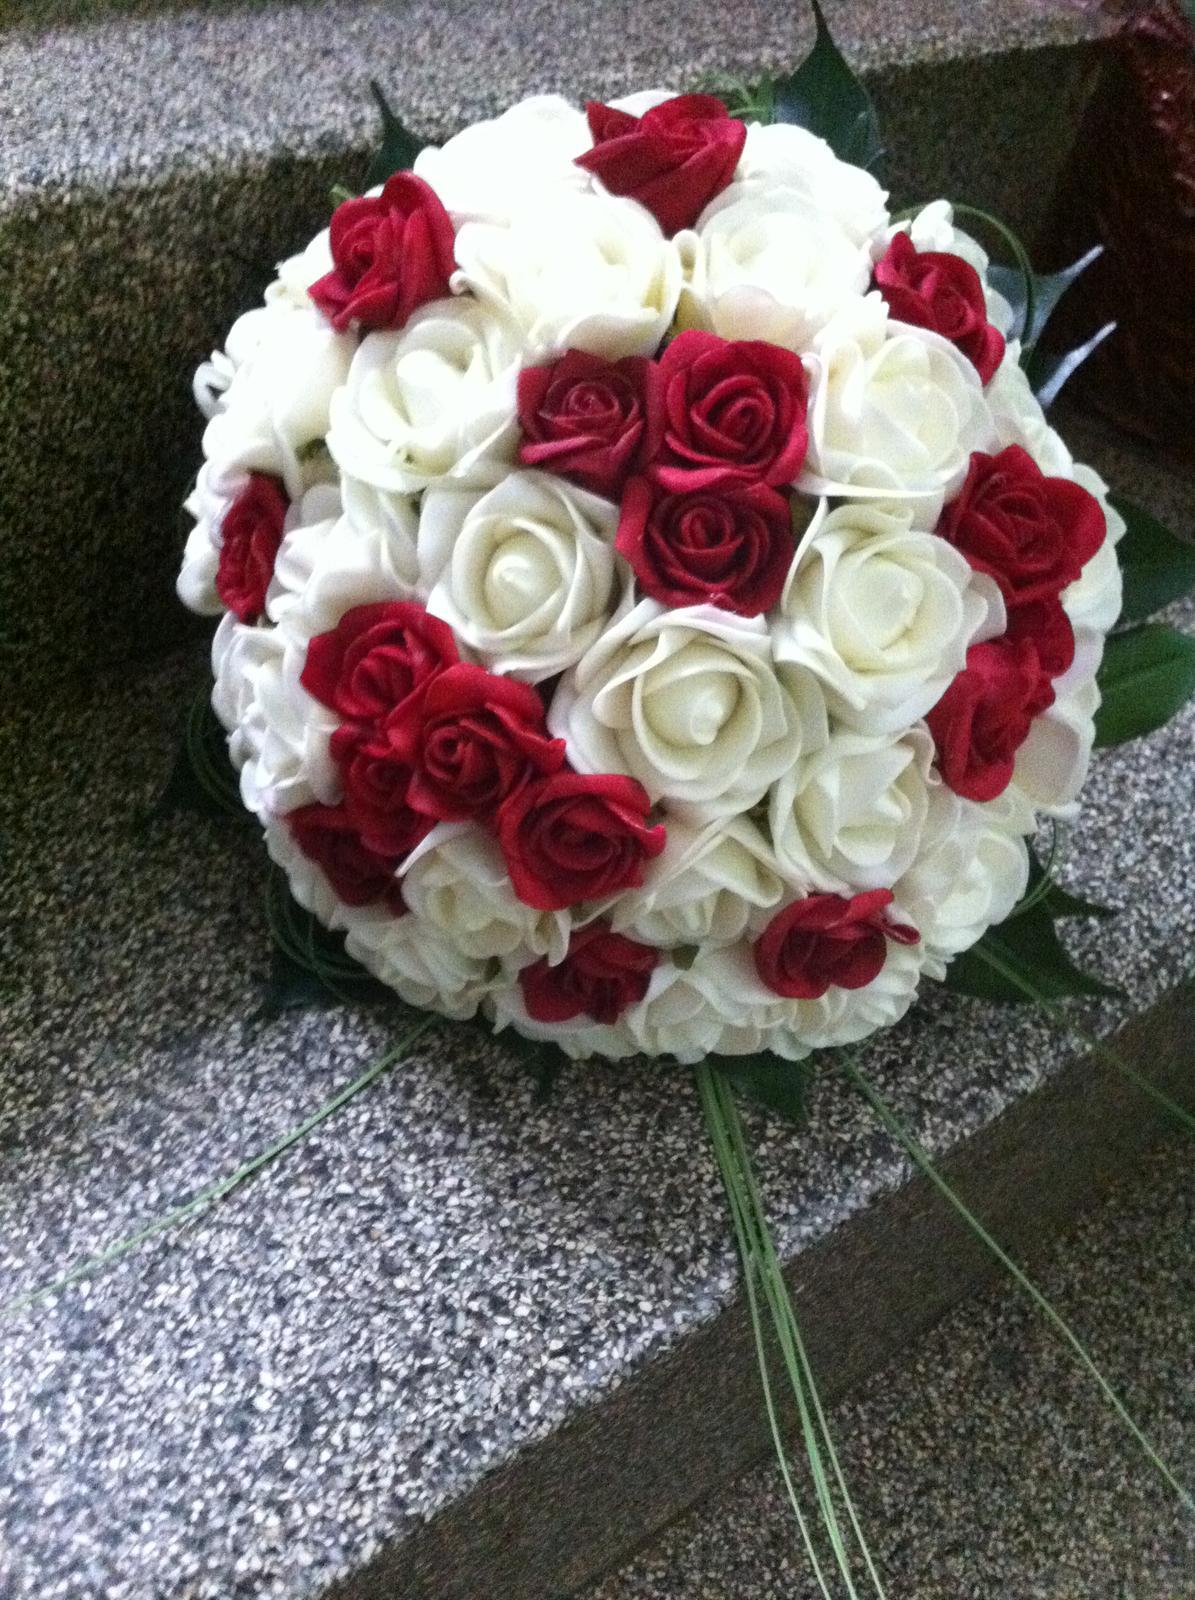 Netradiční svatební kytice - pěnové růžičky + polštářky pod prstýnky, košíčky - Obrázek č. 75